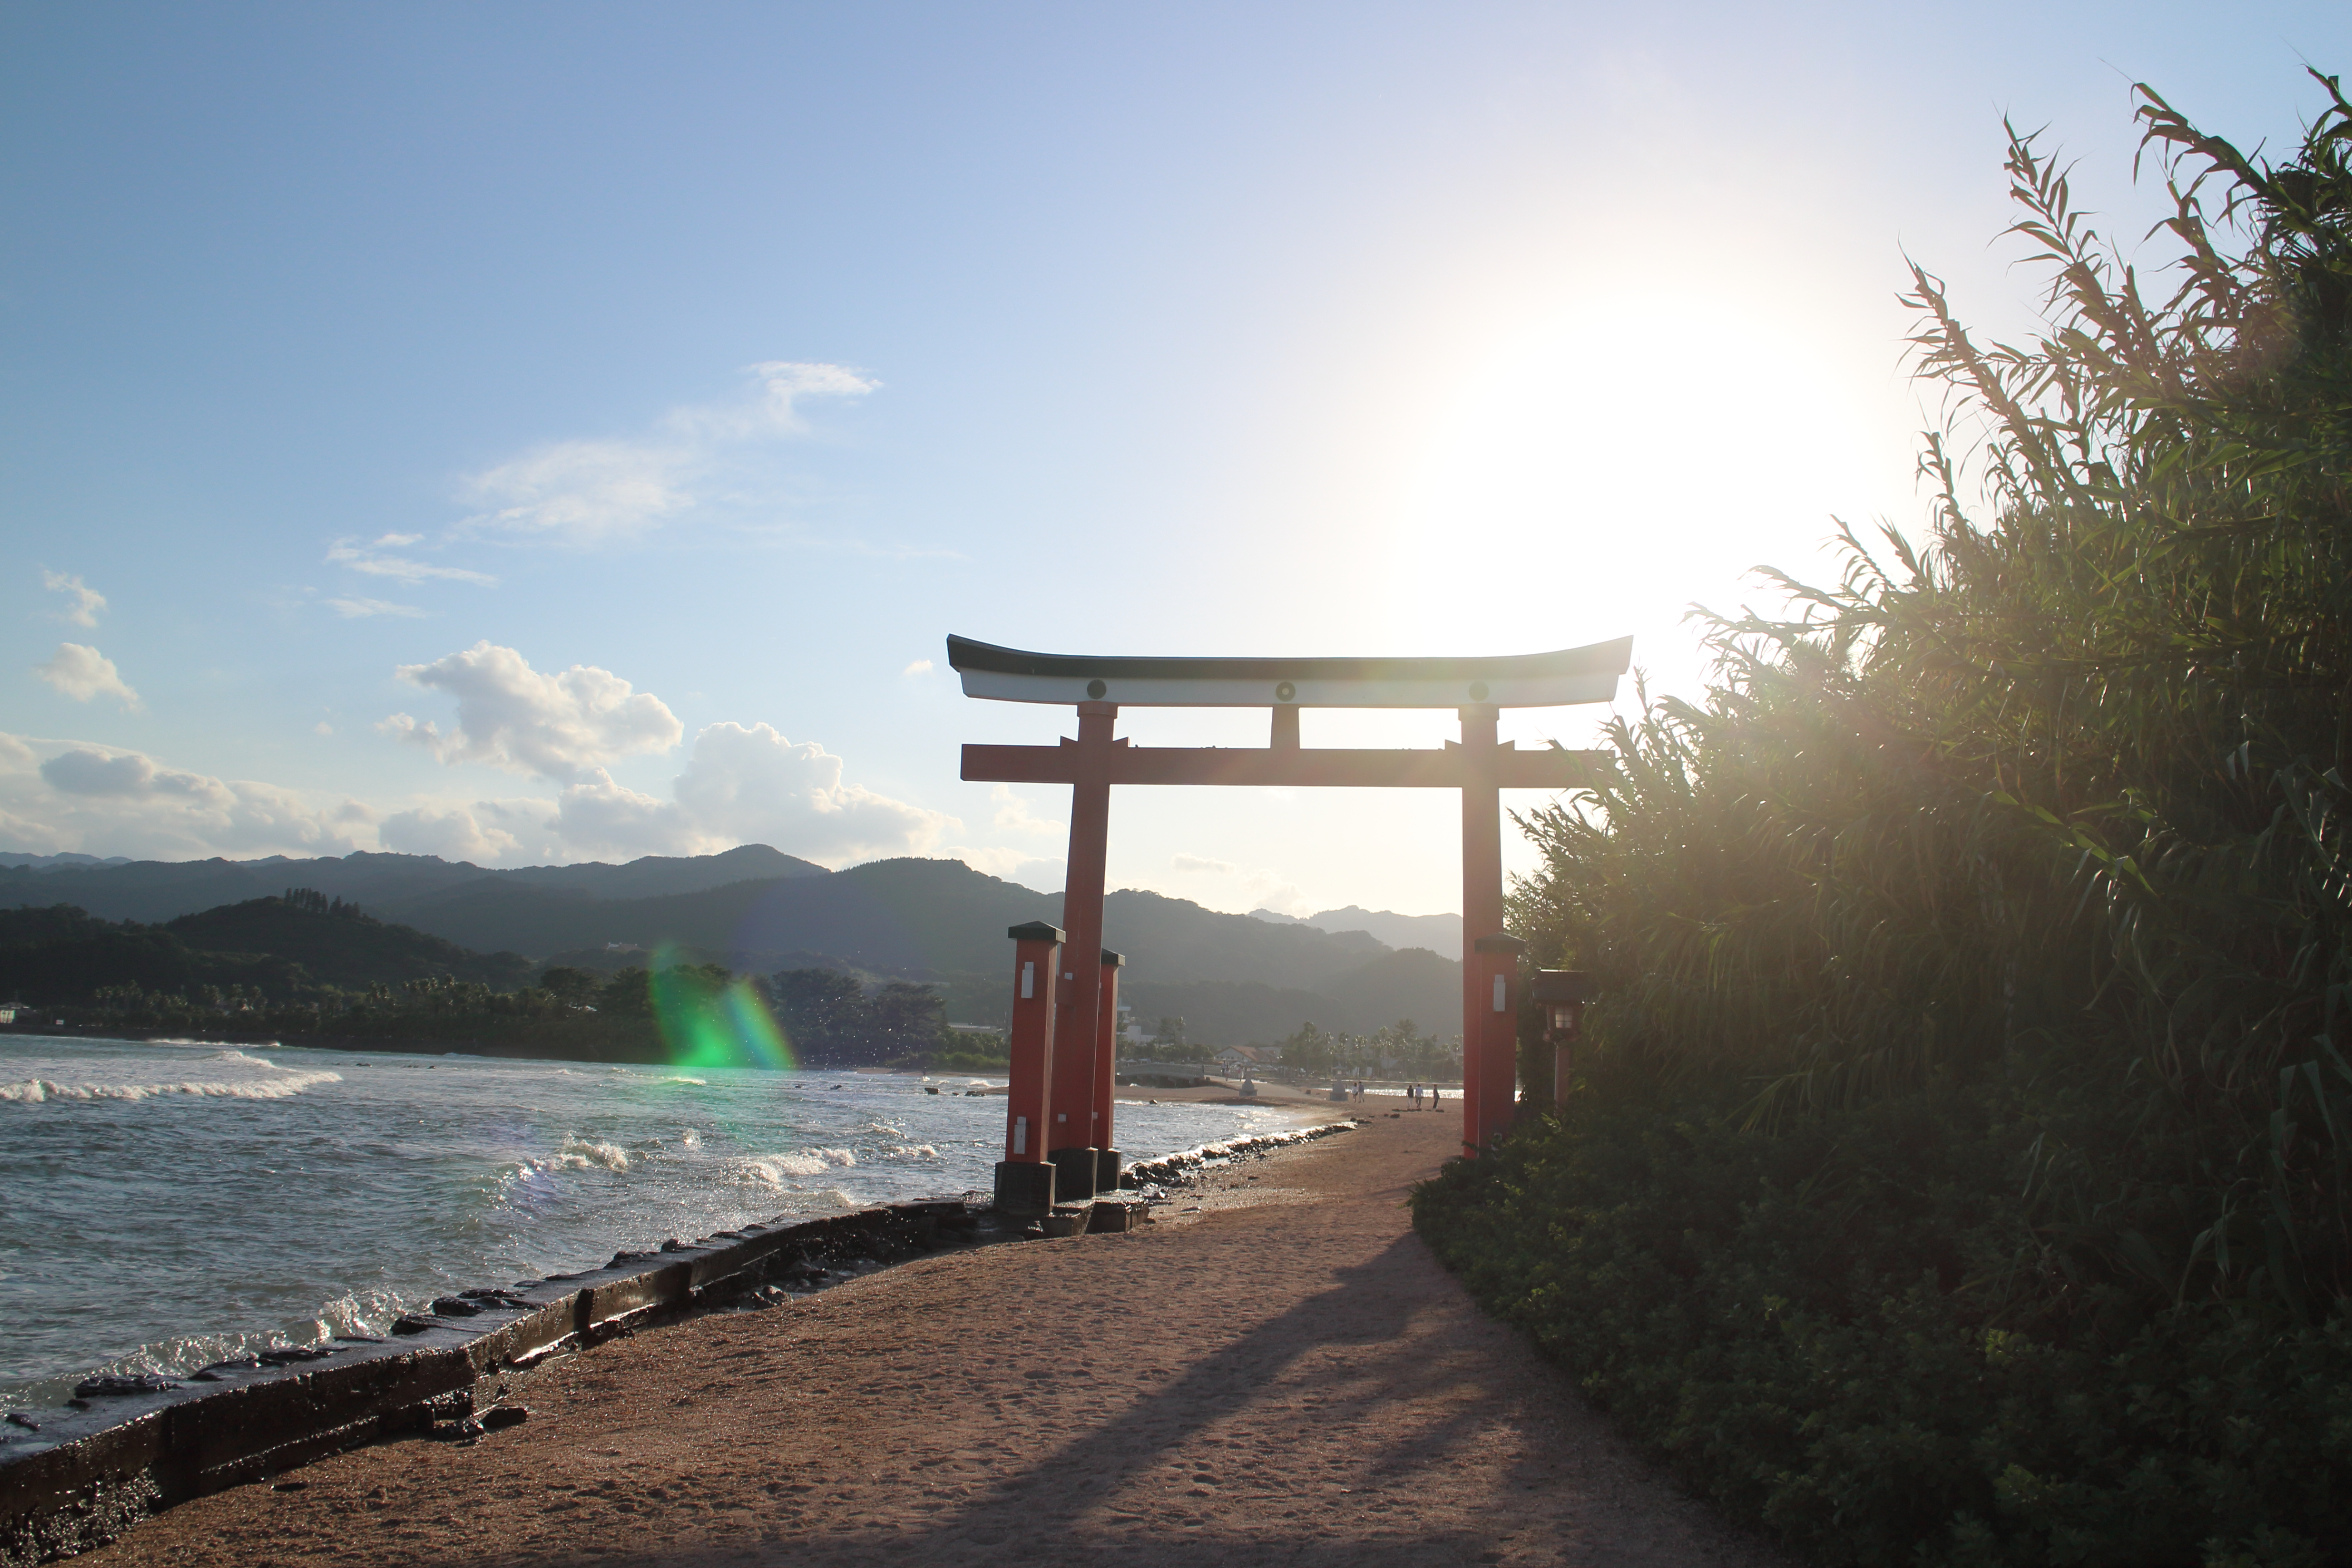 【宮崎】南国ムードたっぷりな青島に行ってきたよ☆神社と絶景とグルメも!